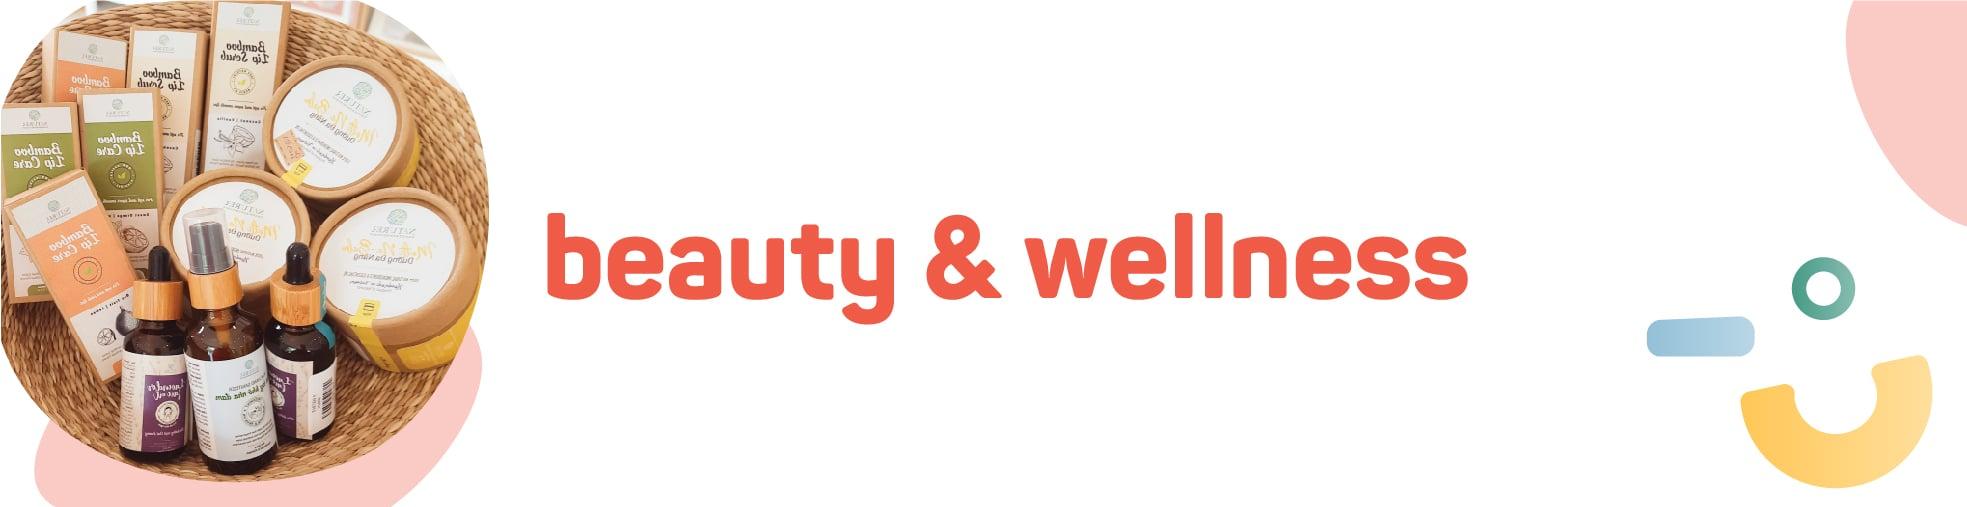 Shop All Beauty & Wellness